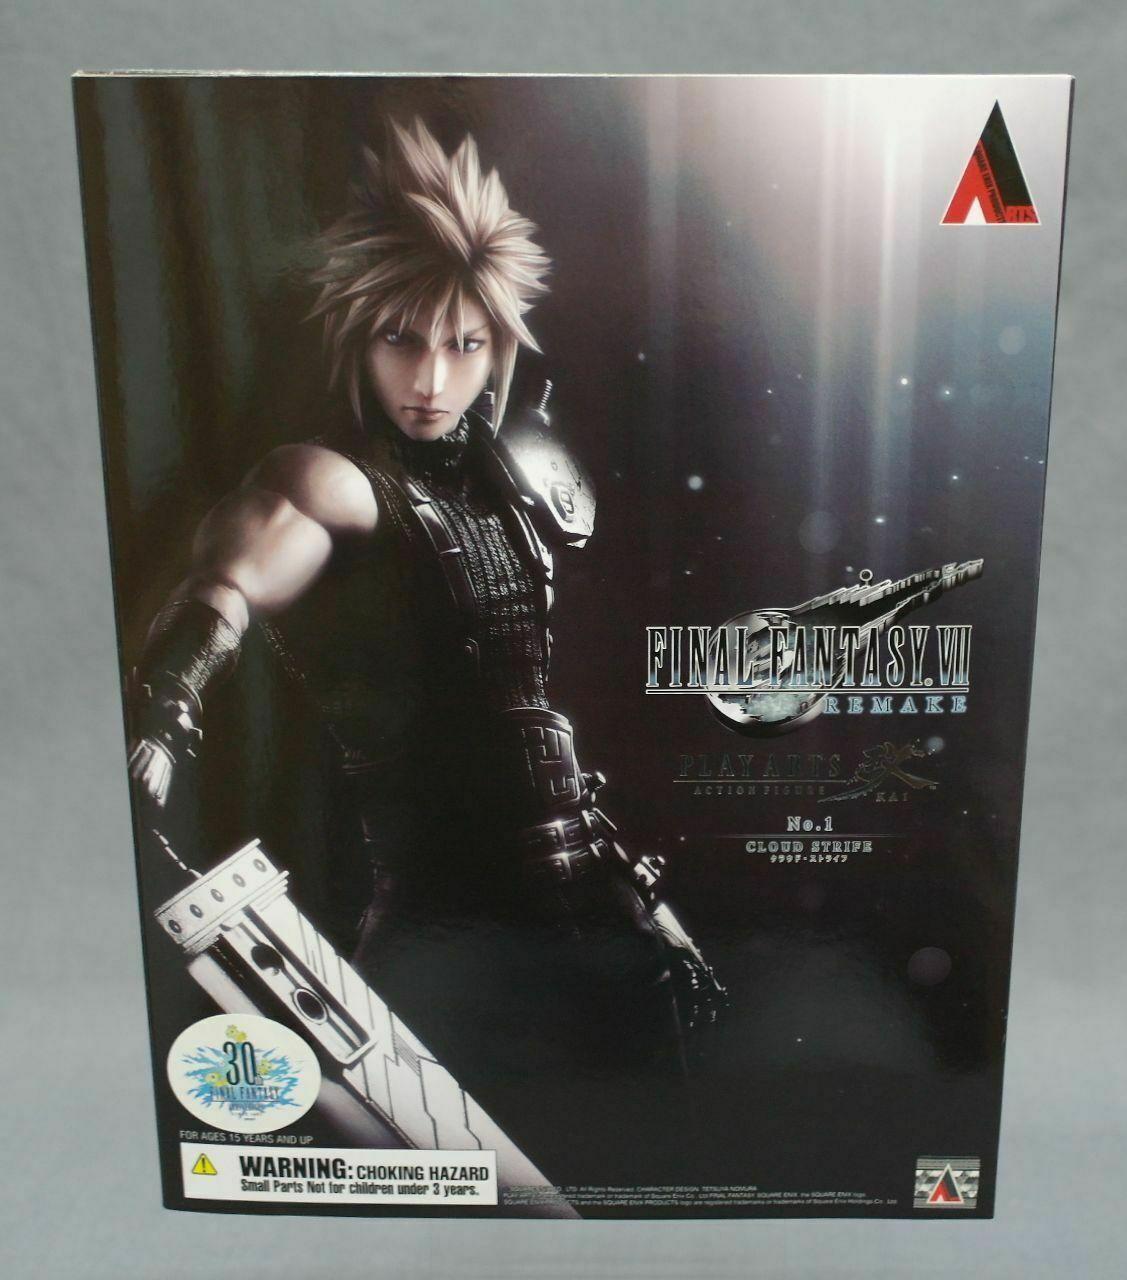 Jugar Arts Kai Final Fantasy VII remake No.1 nube conflictos Cuadrado Enix Japón Nuevo